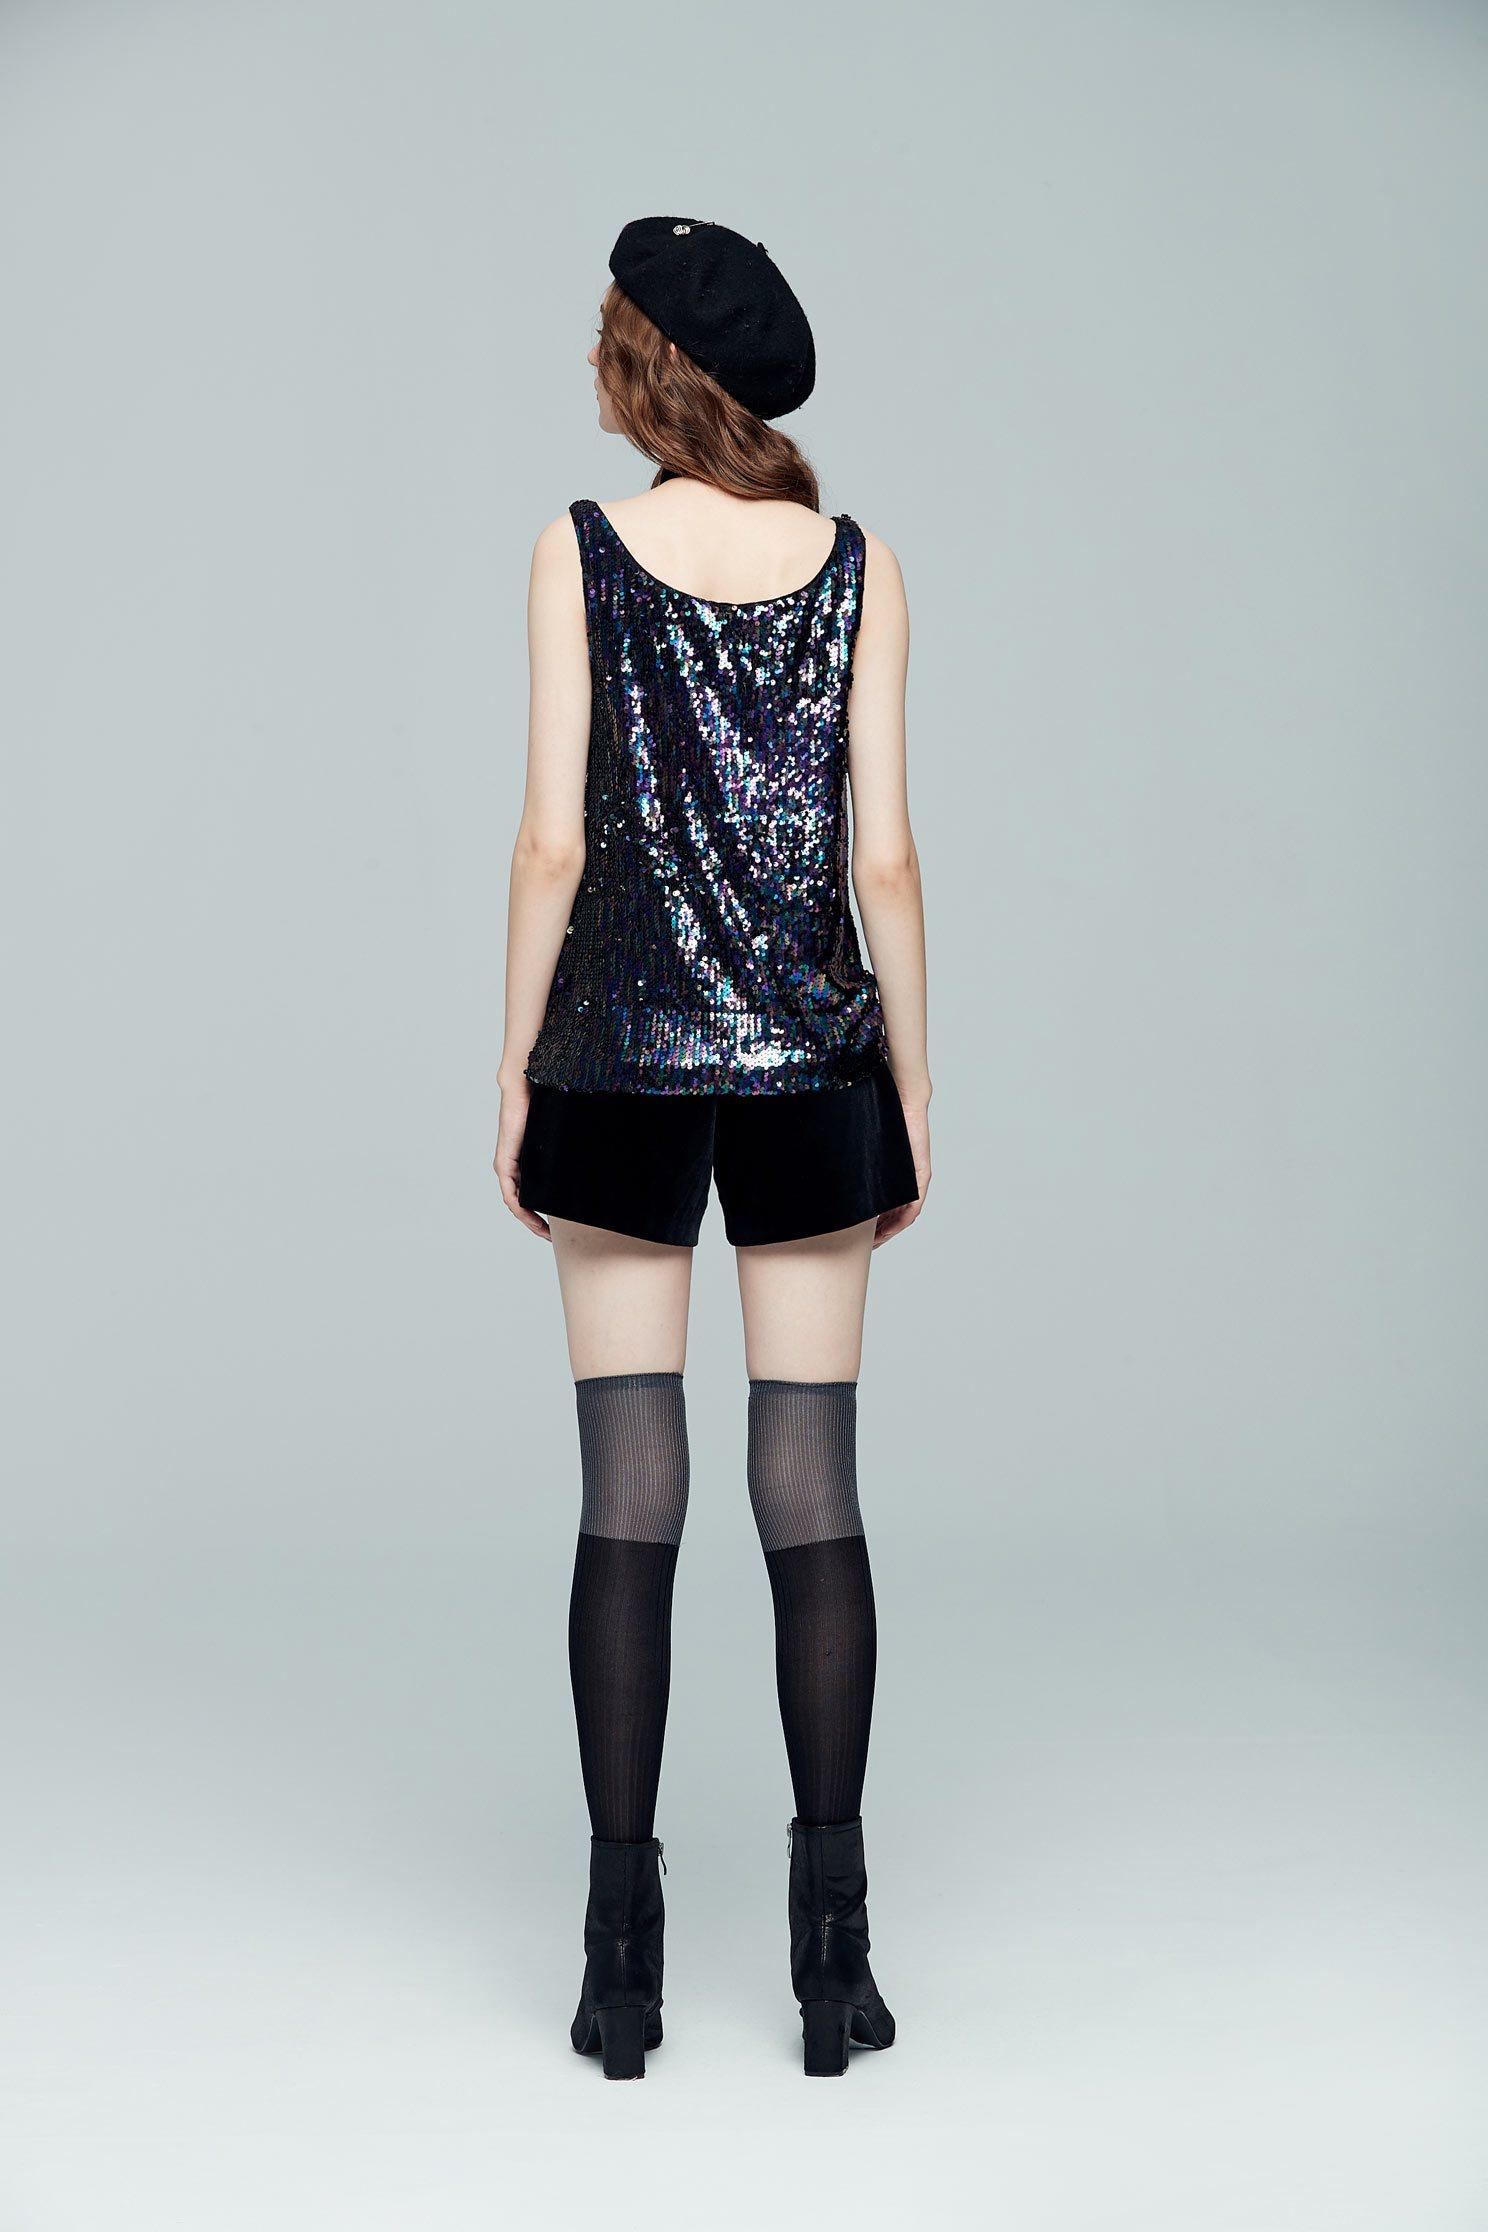 Chest-length sequined sleeveless vest,vest